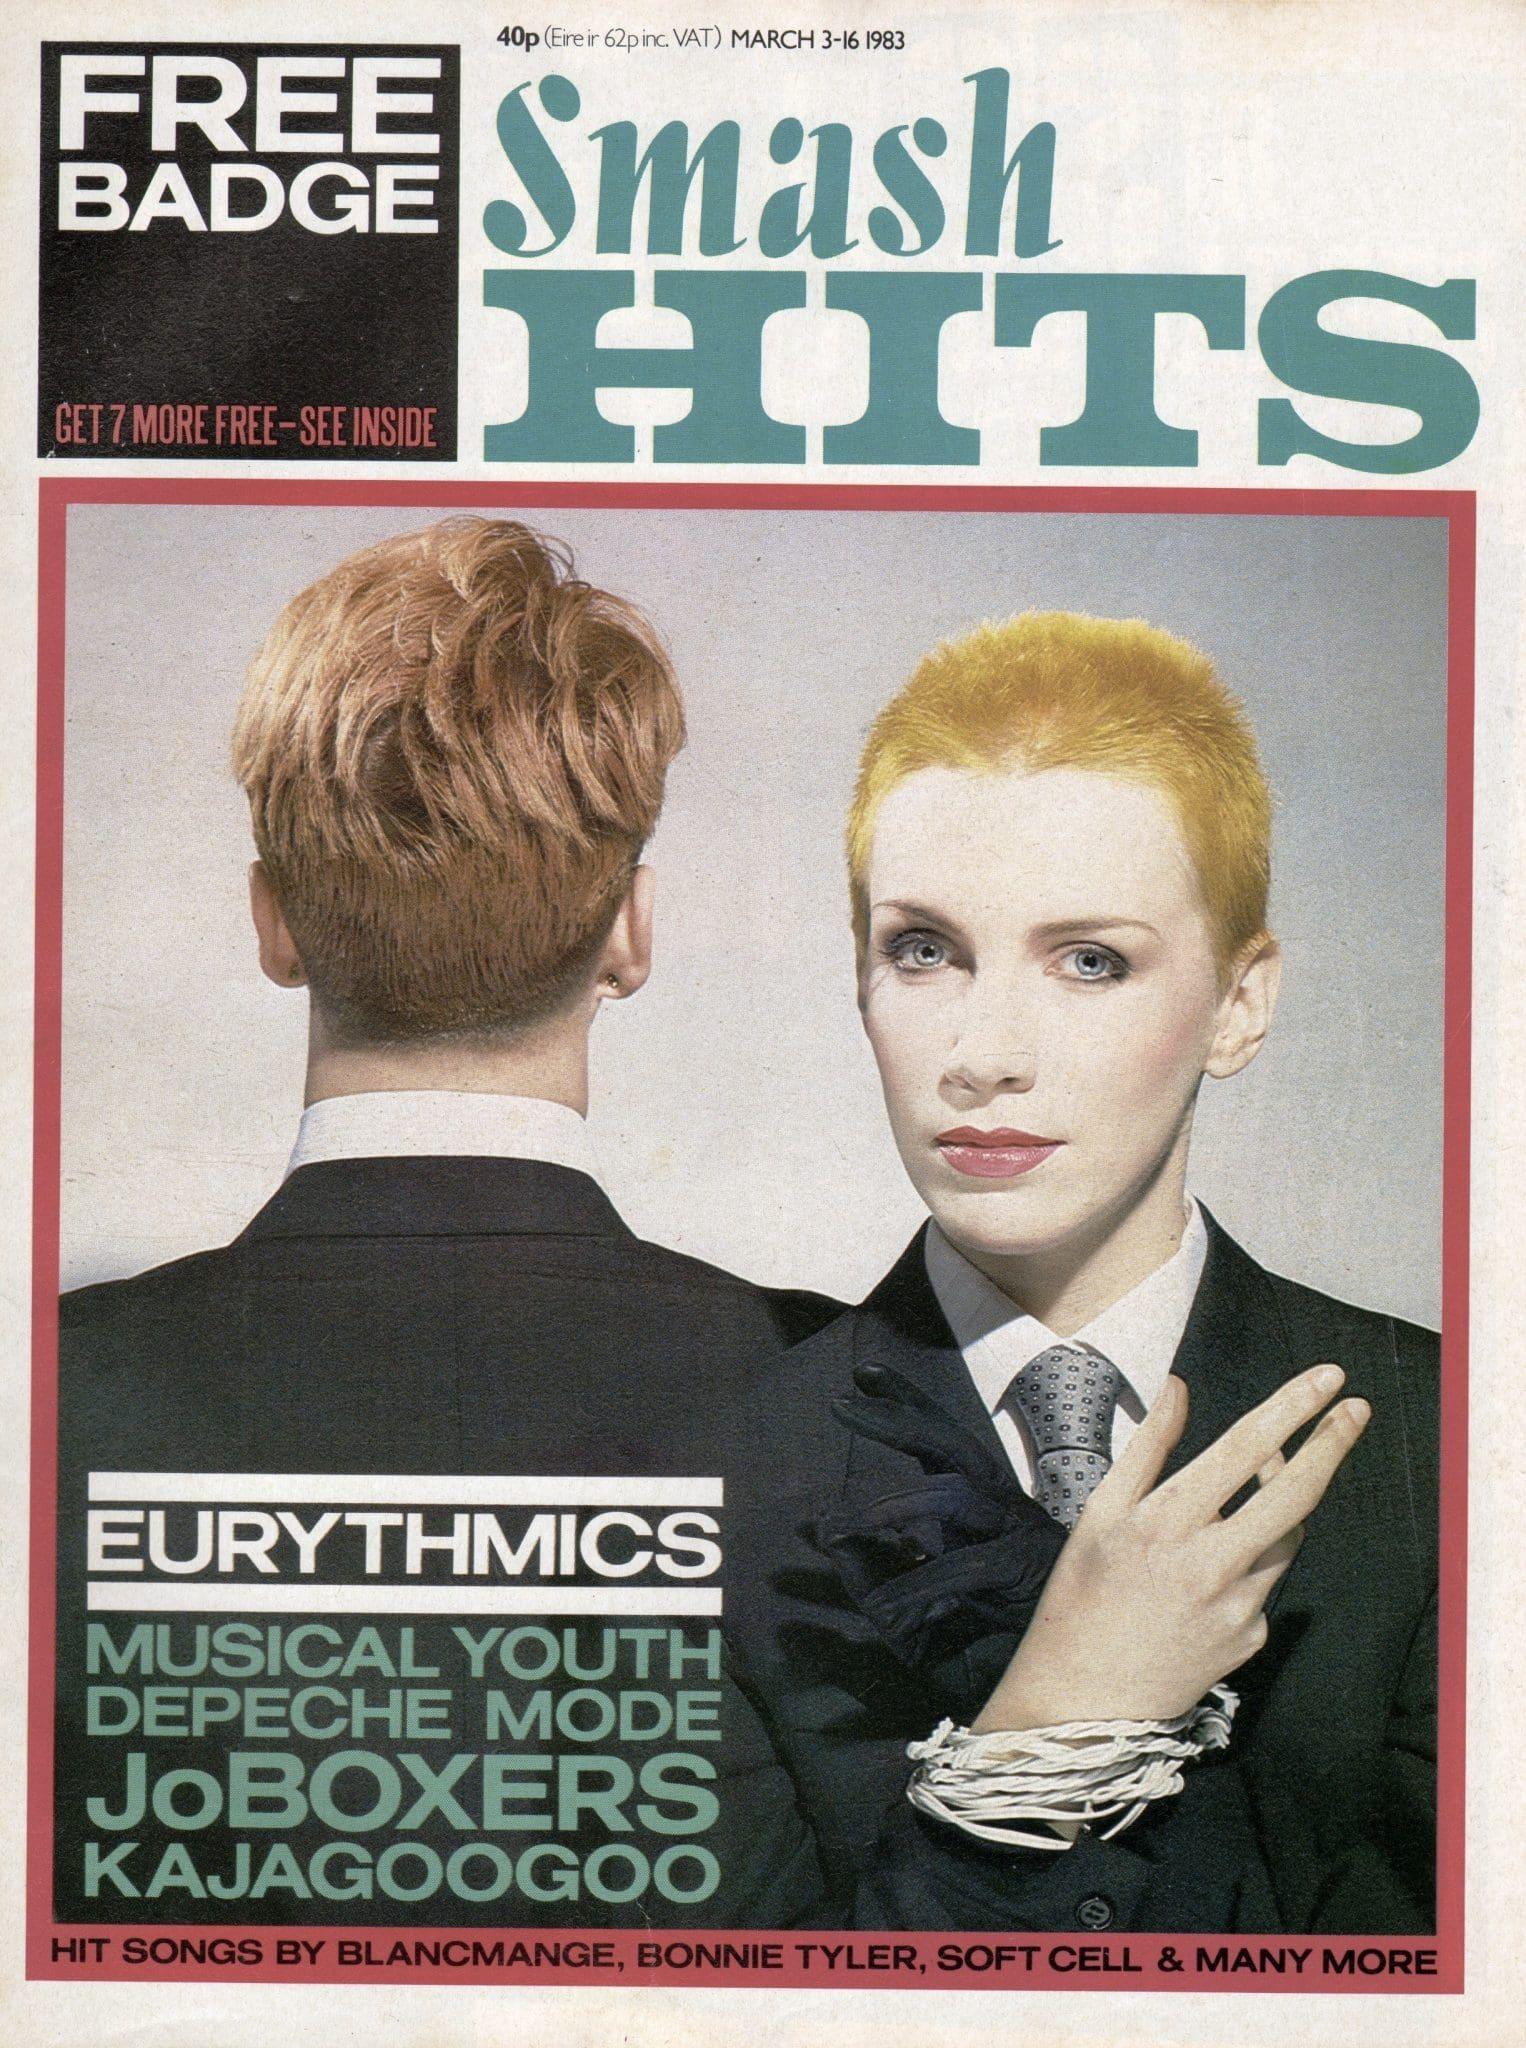 Ultimate Eurythmics Archives : Eurythmics - Smash Hits Magazine - 03/03/1983